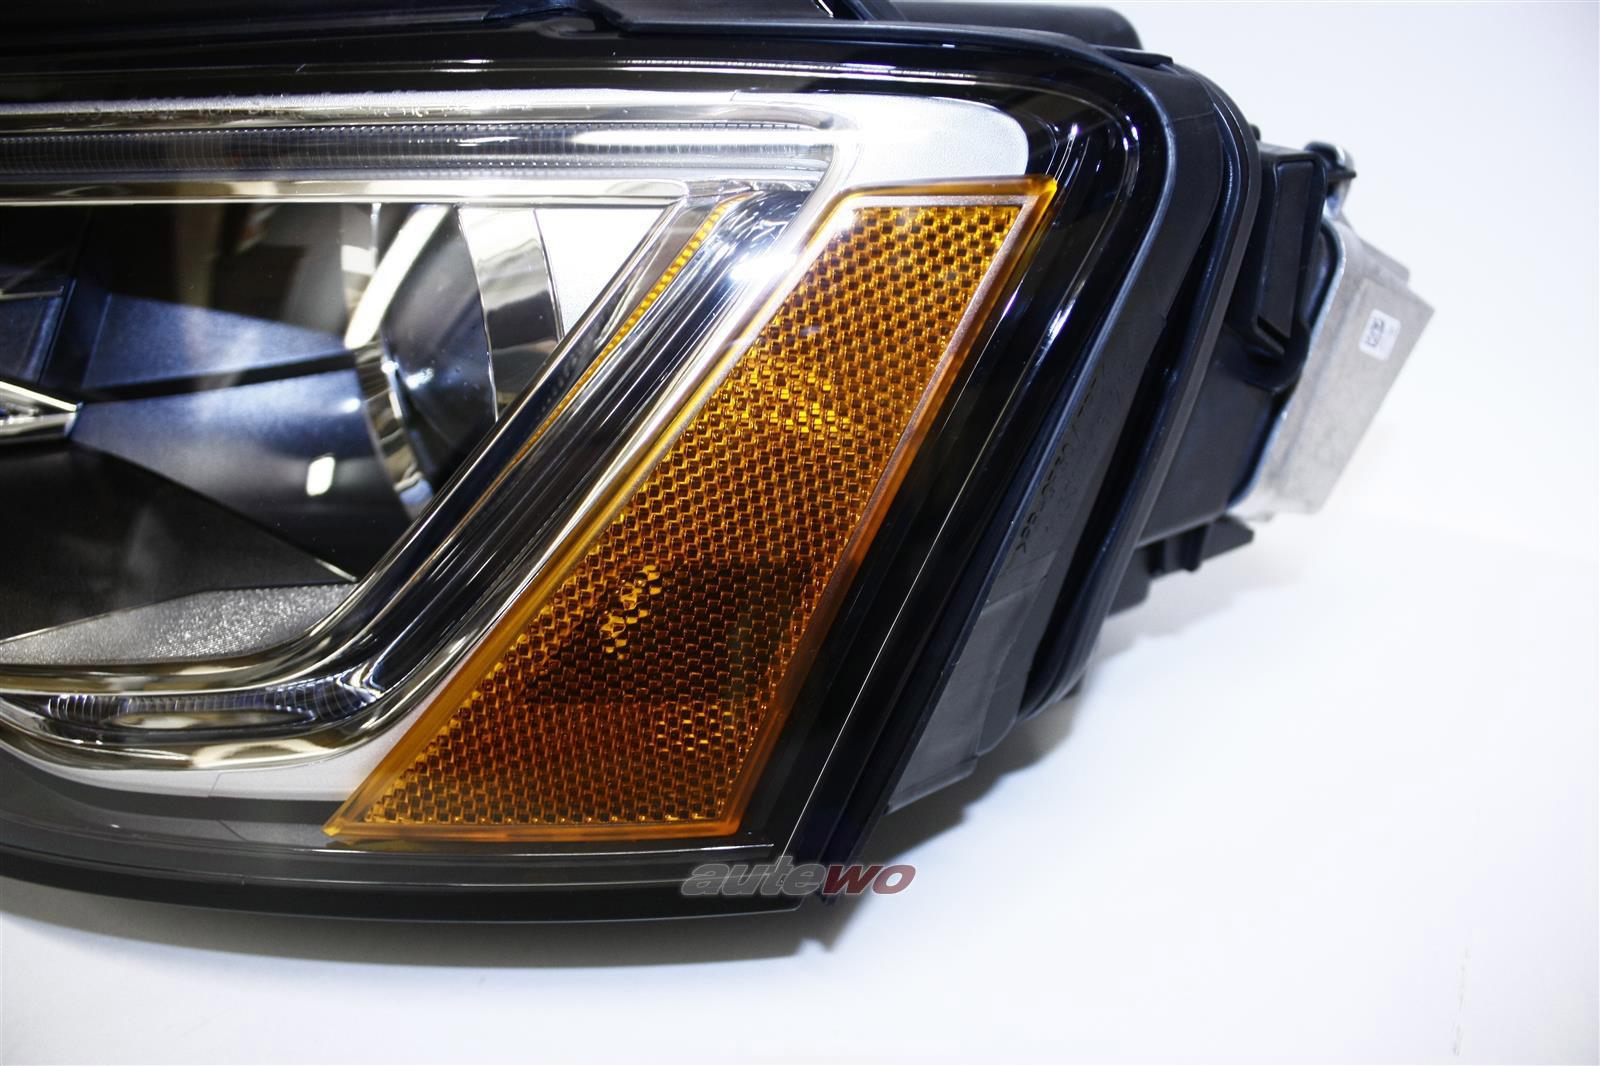 NEU&ORIGINAL Audi A5/S5/RS5 Coupe/Cabrio Bi-Xenon